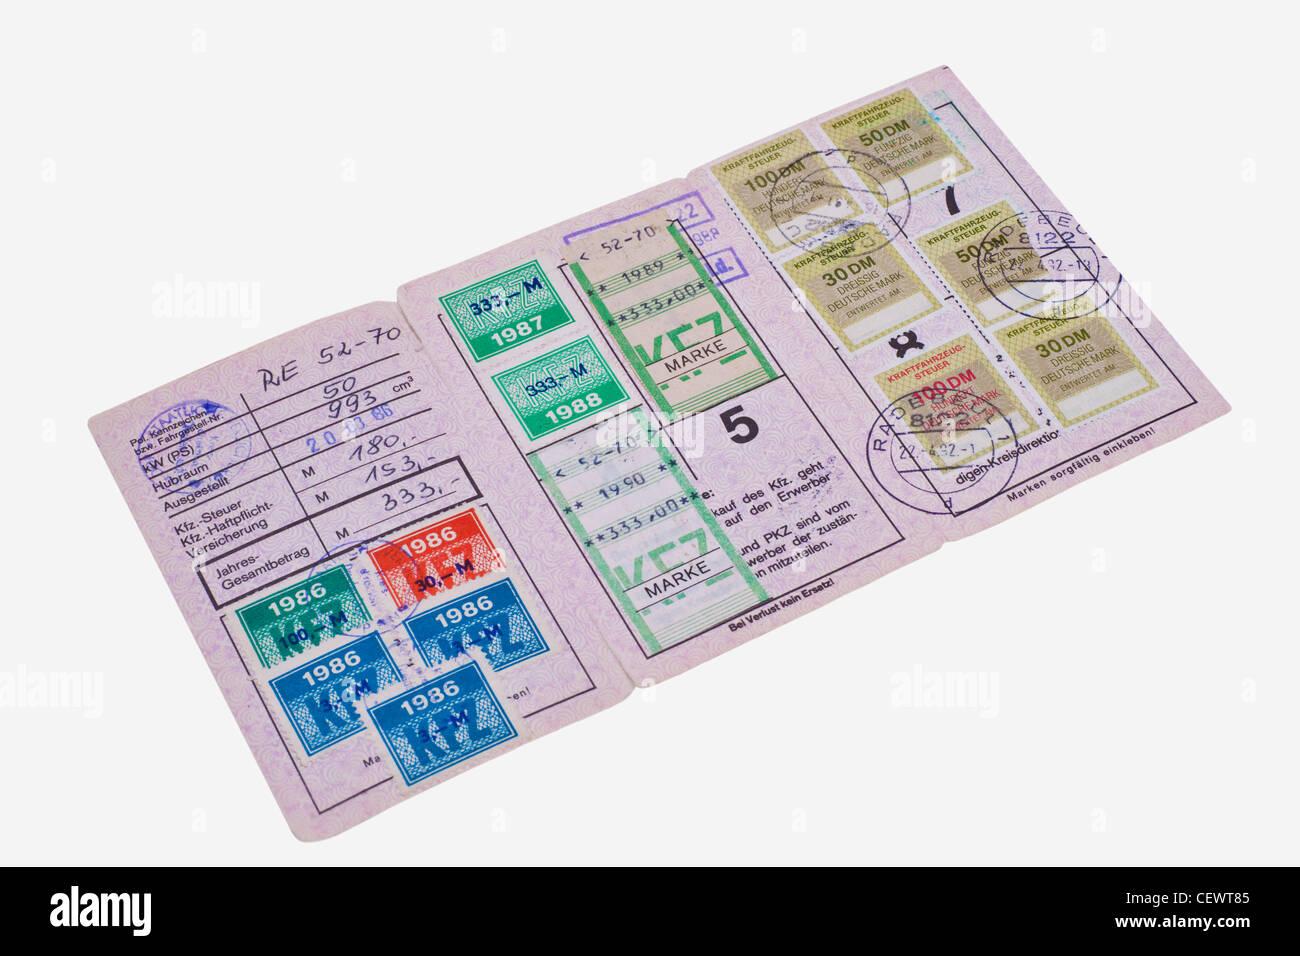 alte KFZ-Steuerkarte der DDR aus den Jahren 1986 bis 1992 | old car tax card from GDR from 1986 to 1992 - Stock Image